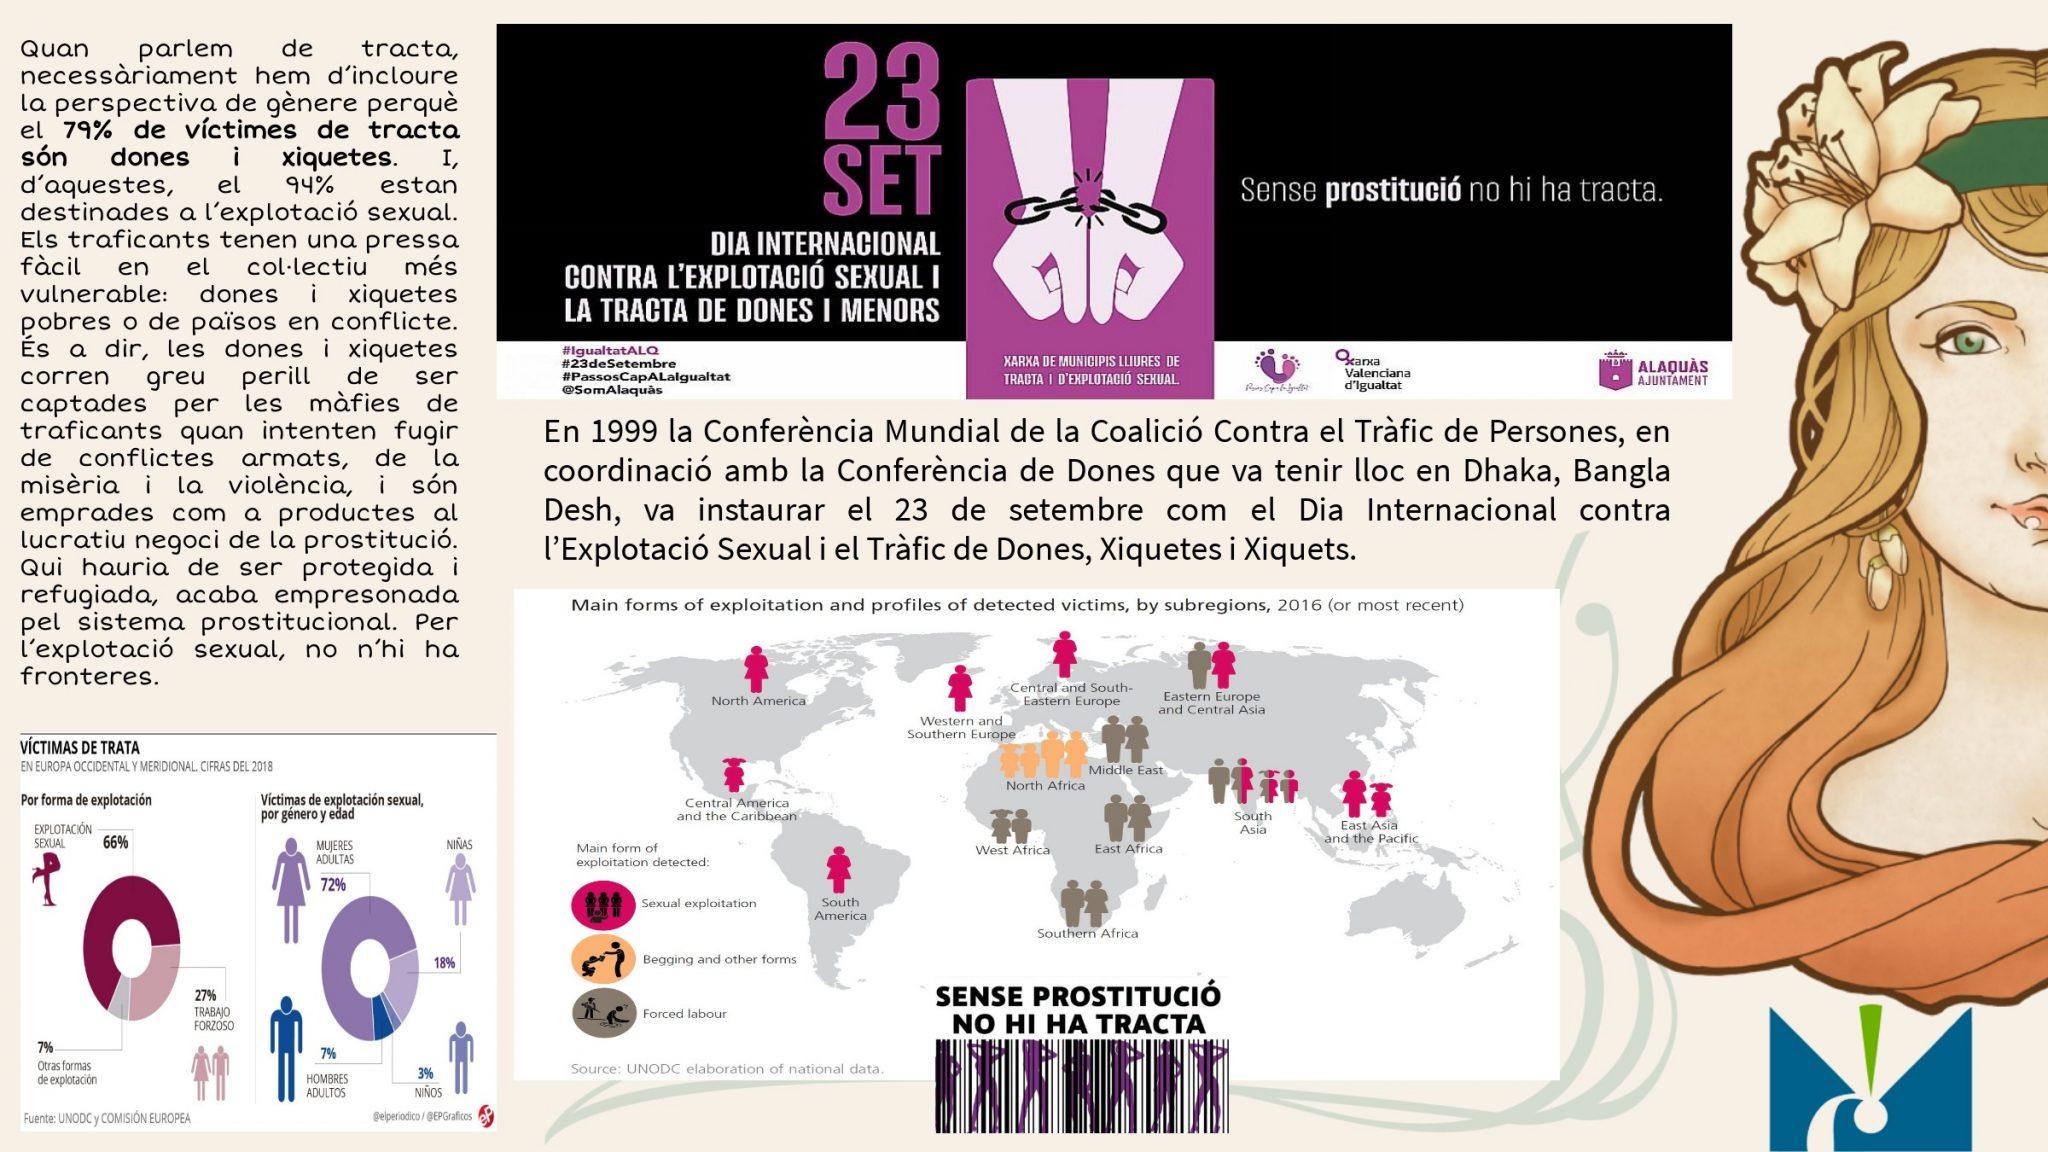 Dian internacional contra el tràfic de persones